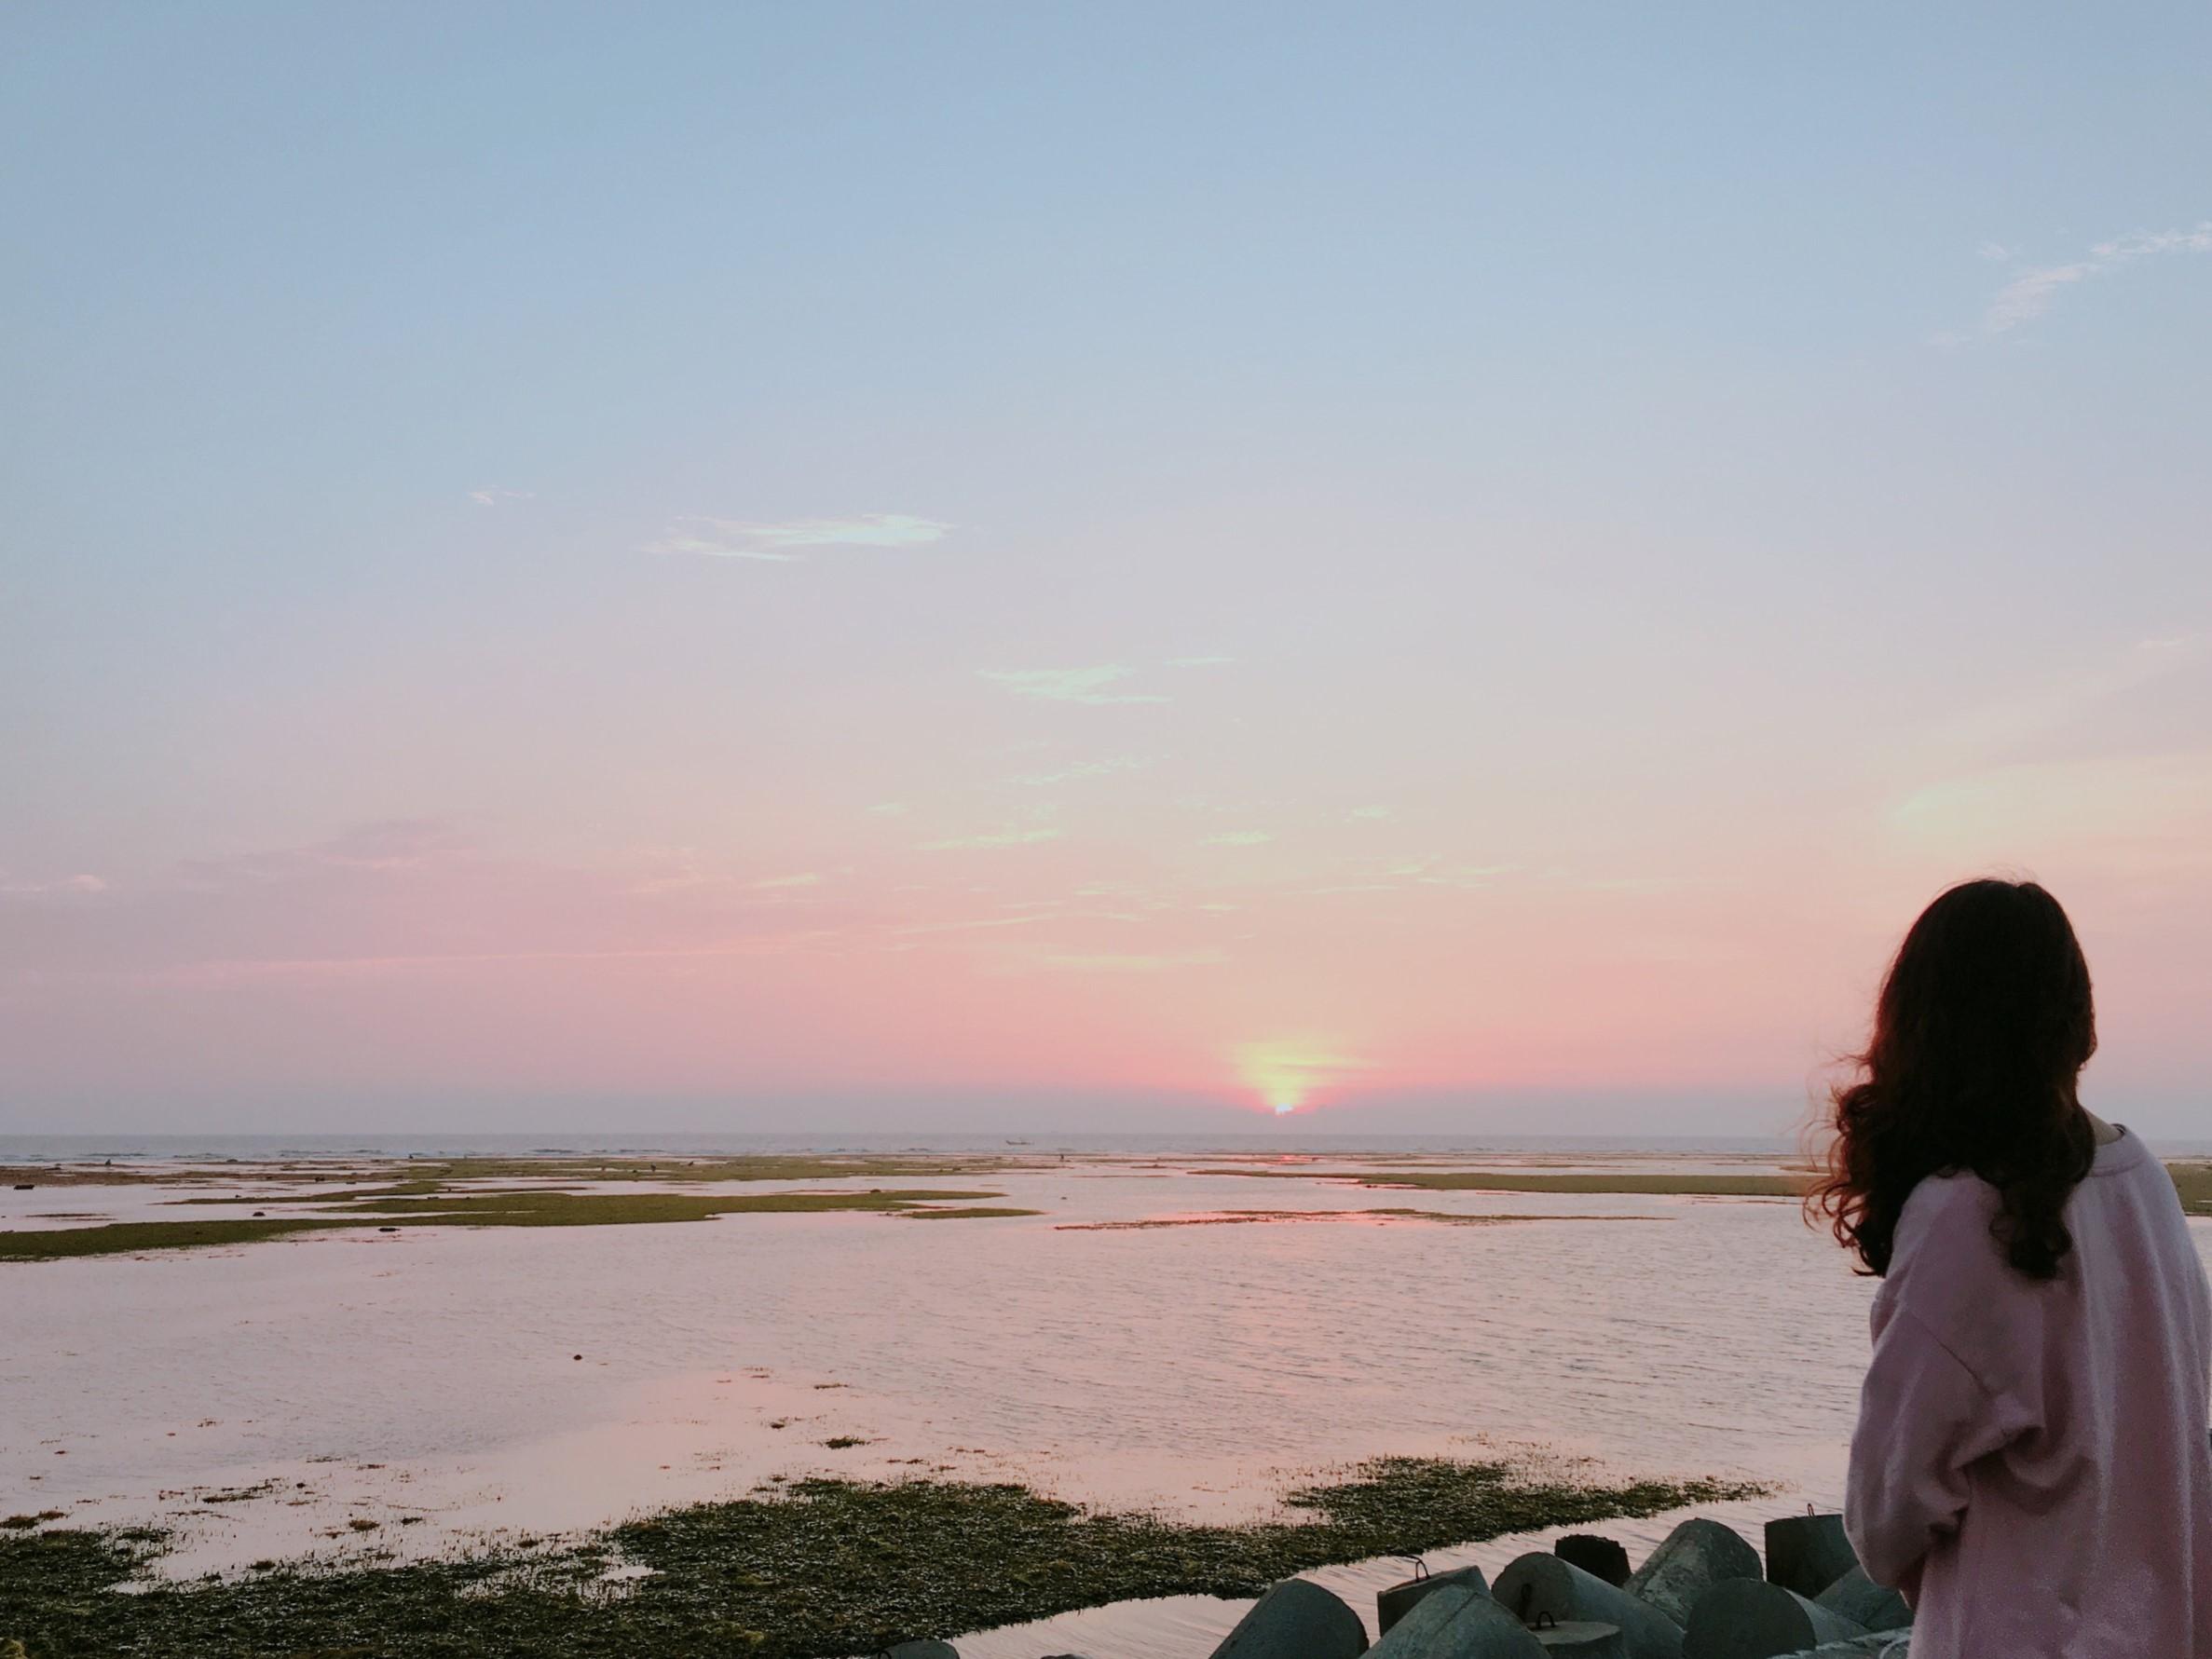 Bình yên ngắm mặt trời lên trên biển.